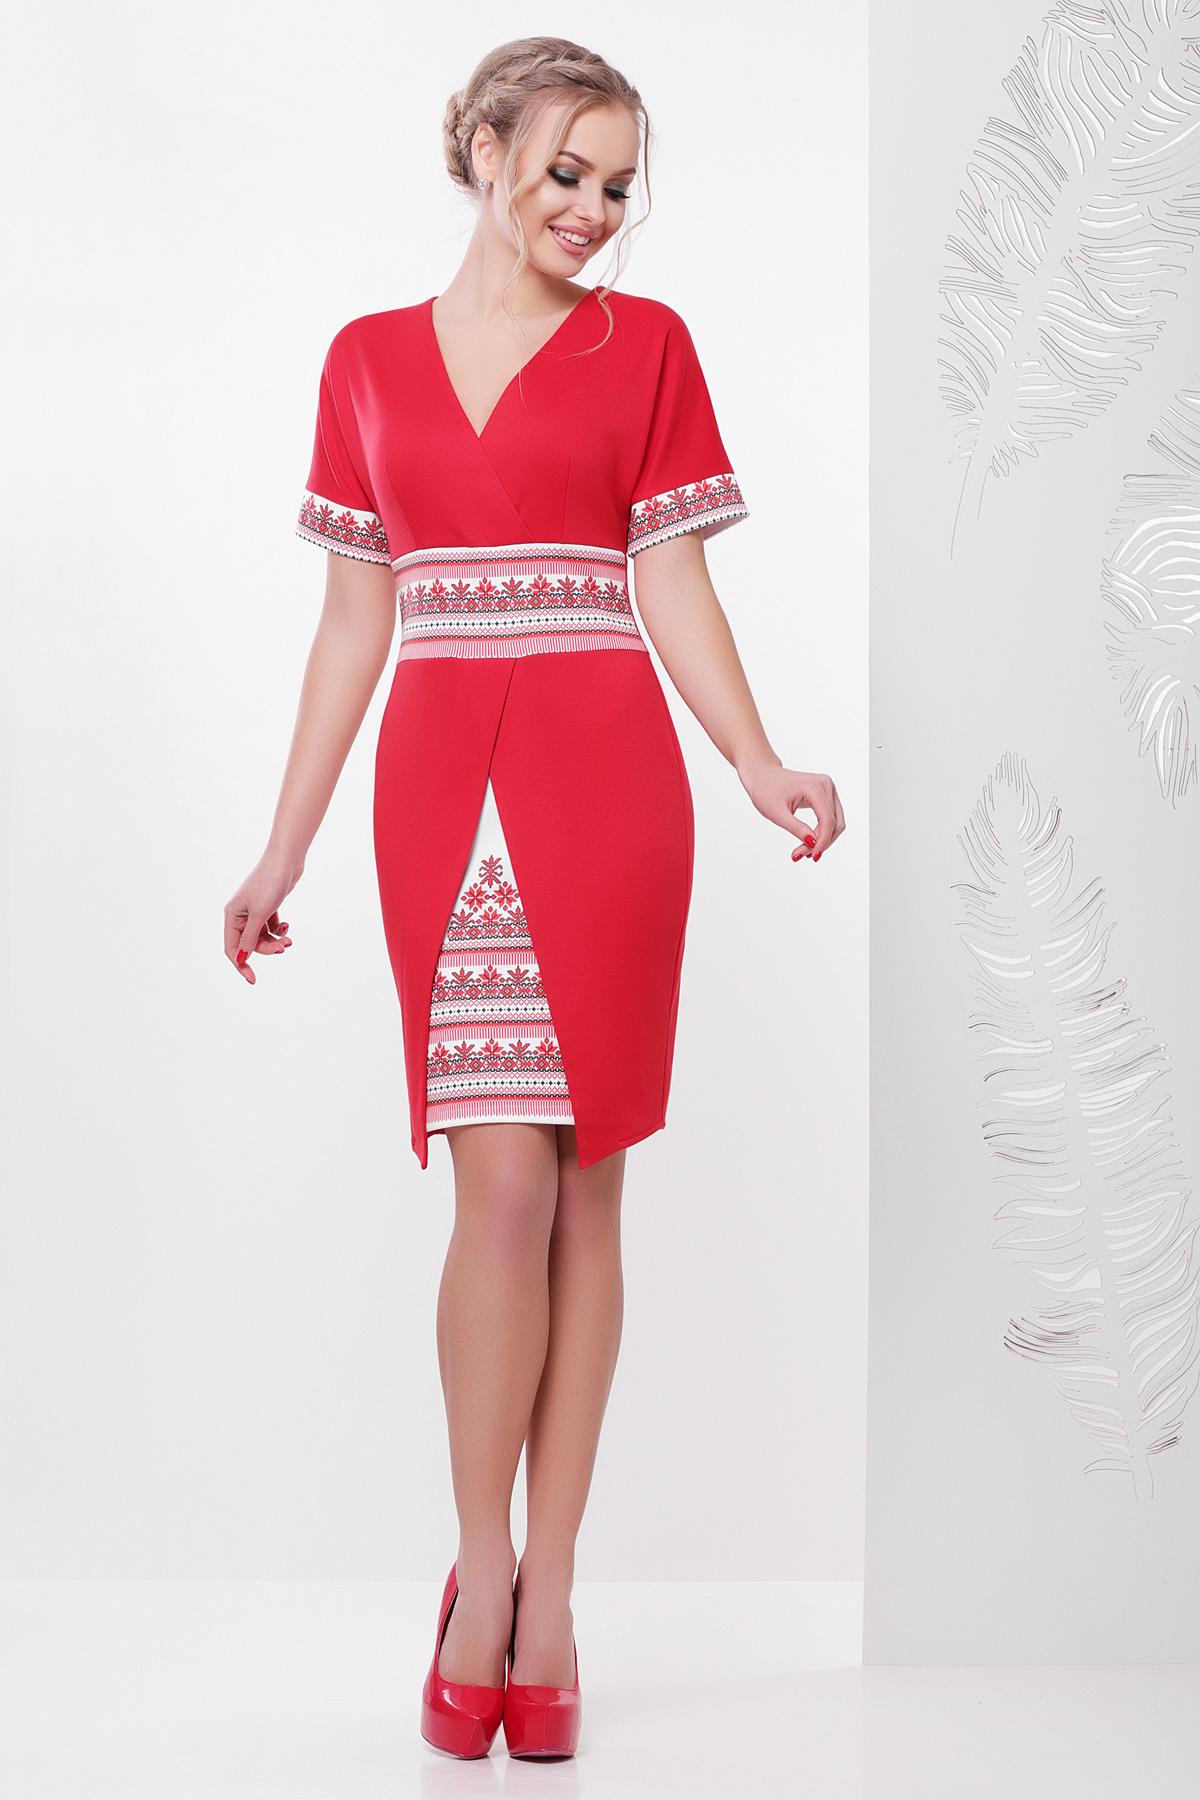 2b455caca54 красное платье с орнаментом. Этно-украинский платье Аурика-П д р.